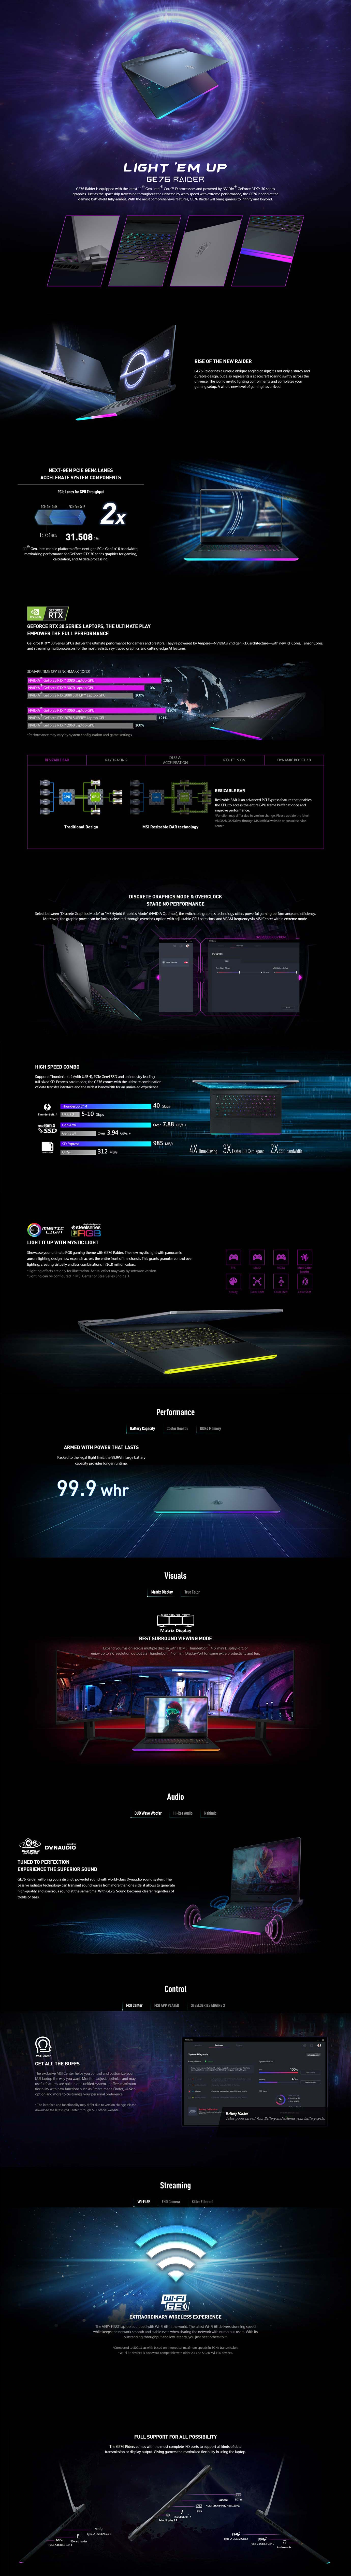 MSI GE76 Raider 11 Gaming Laptop